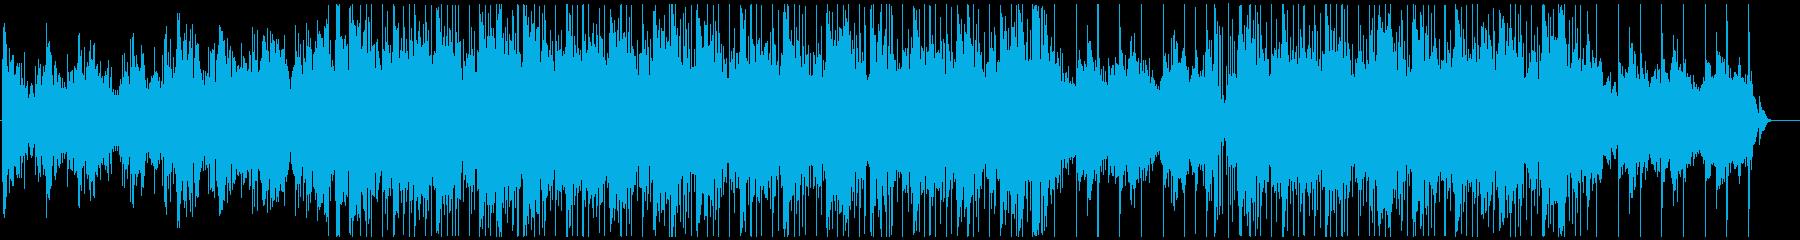 癒やしのダウンテンポの再生済みの波形